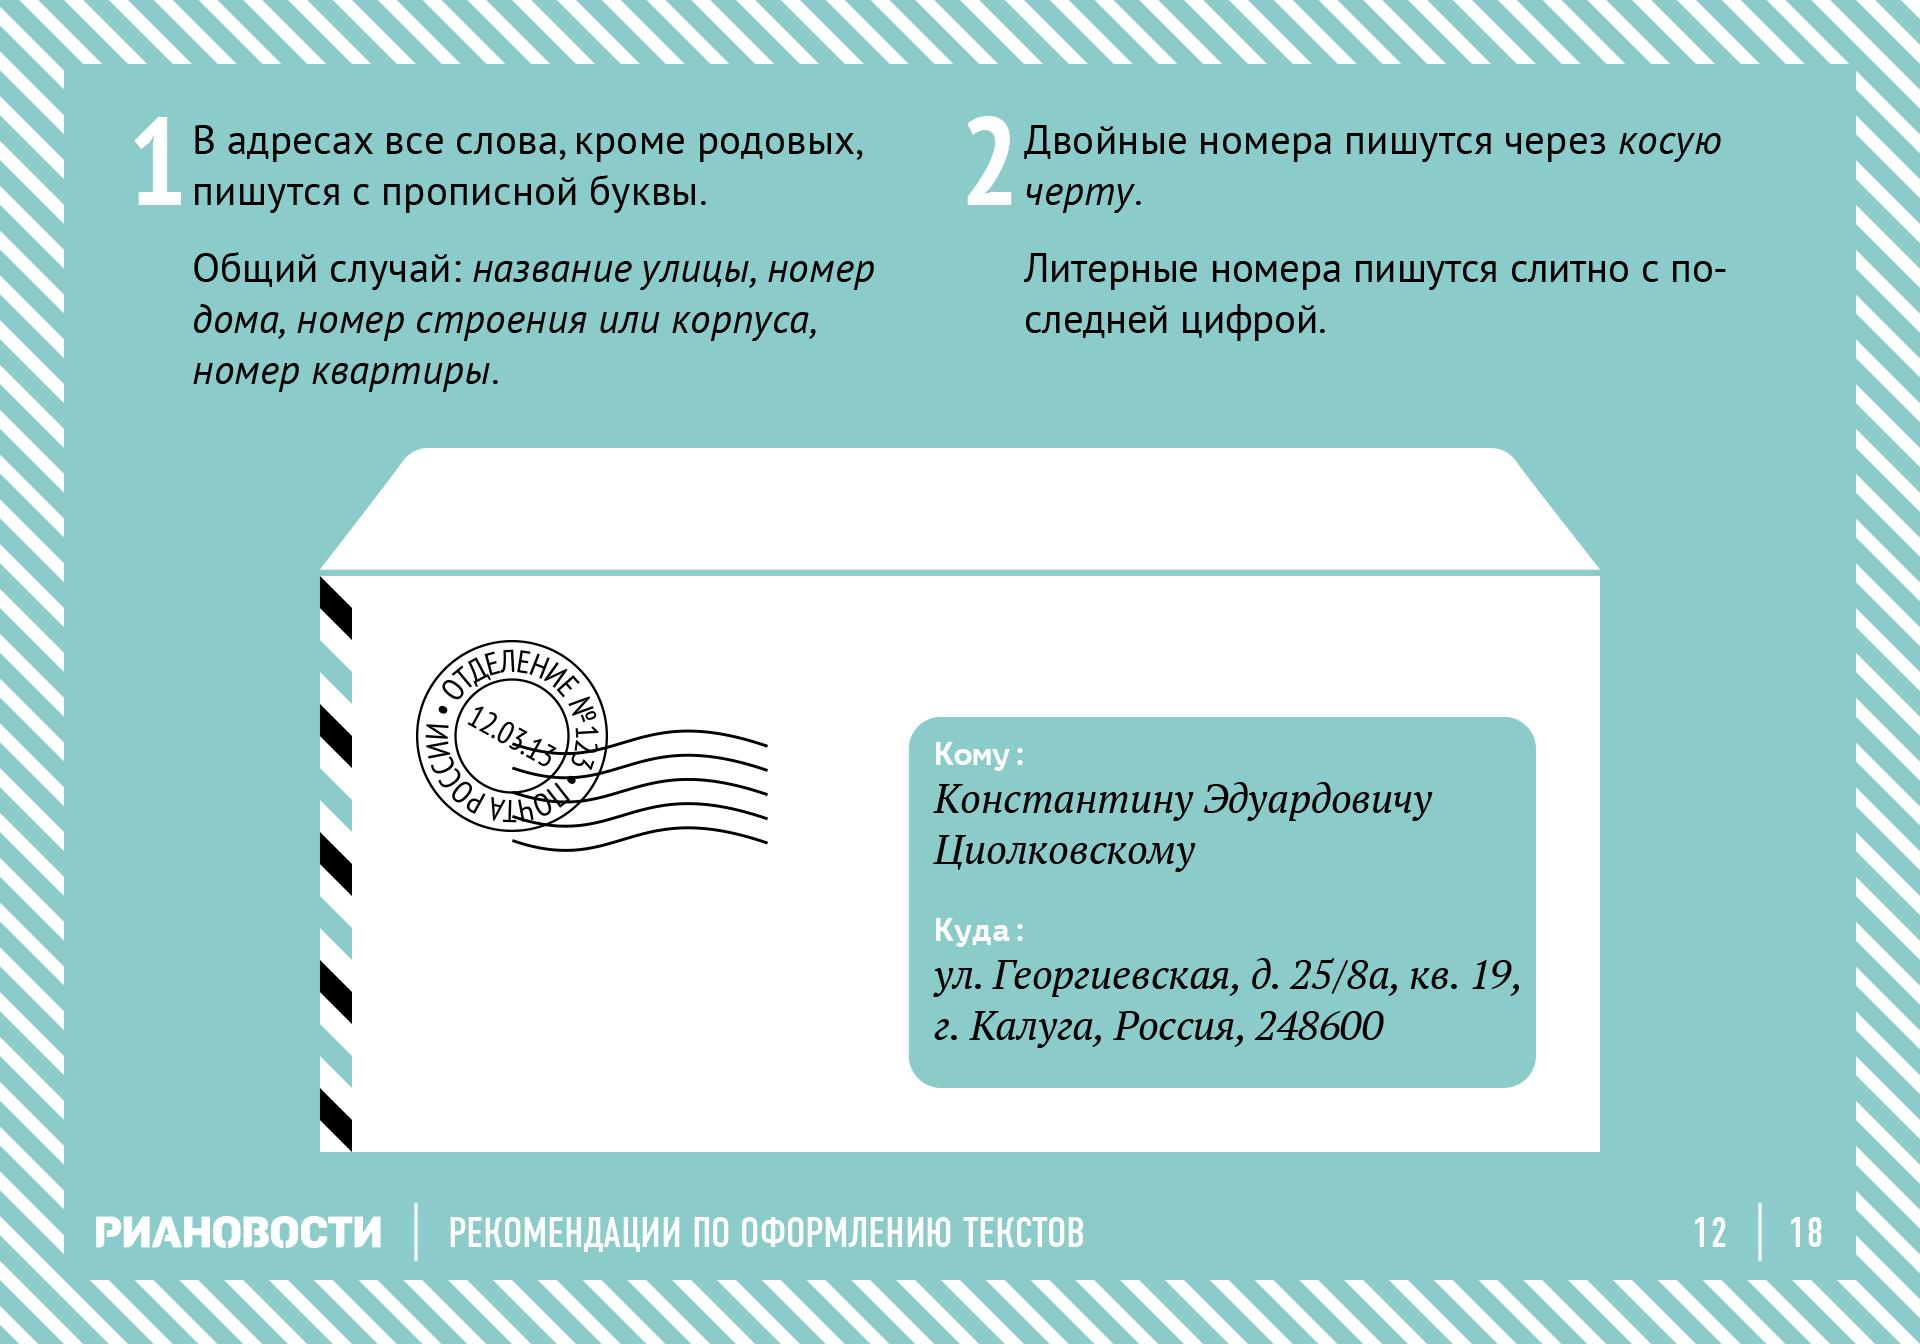 Рекомендации по оформлению текстов. Адрес. RIA